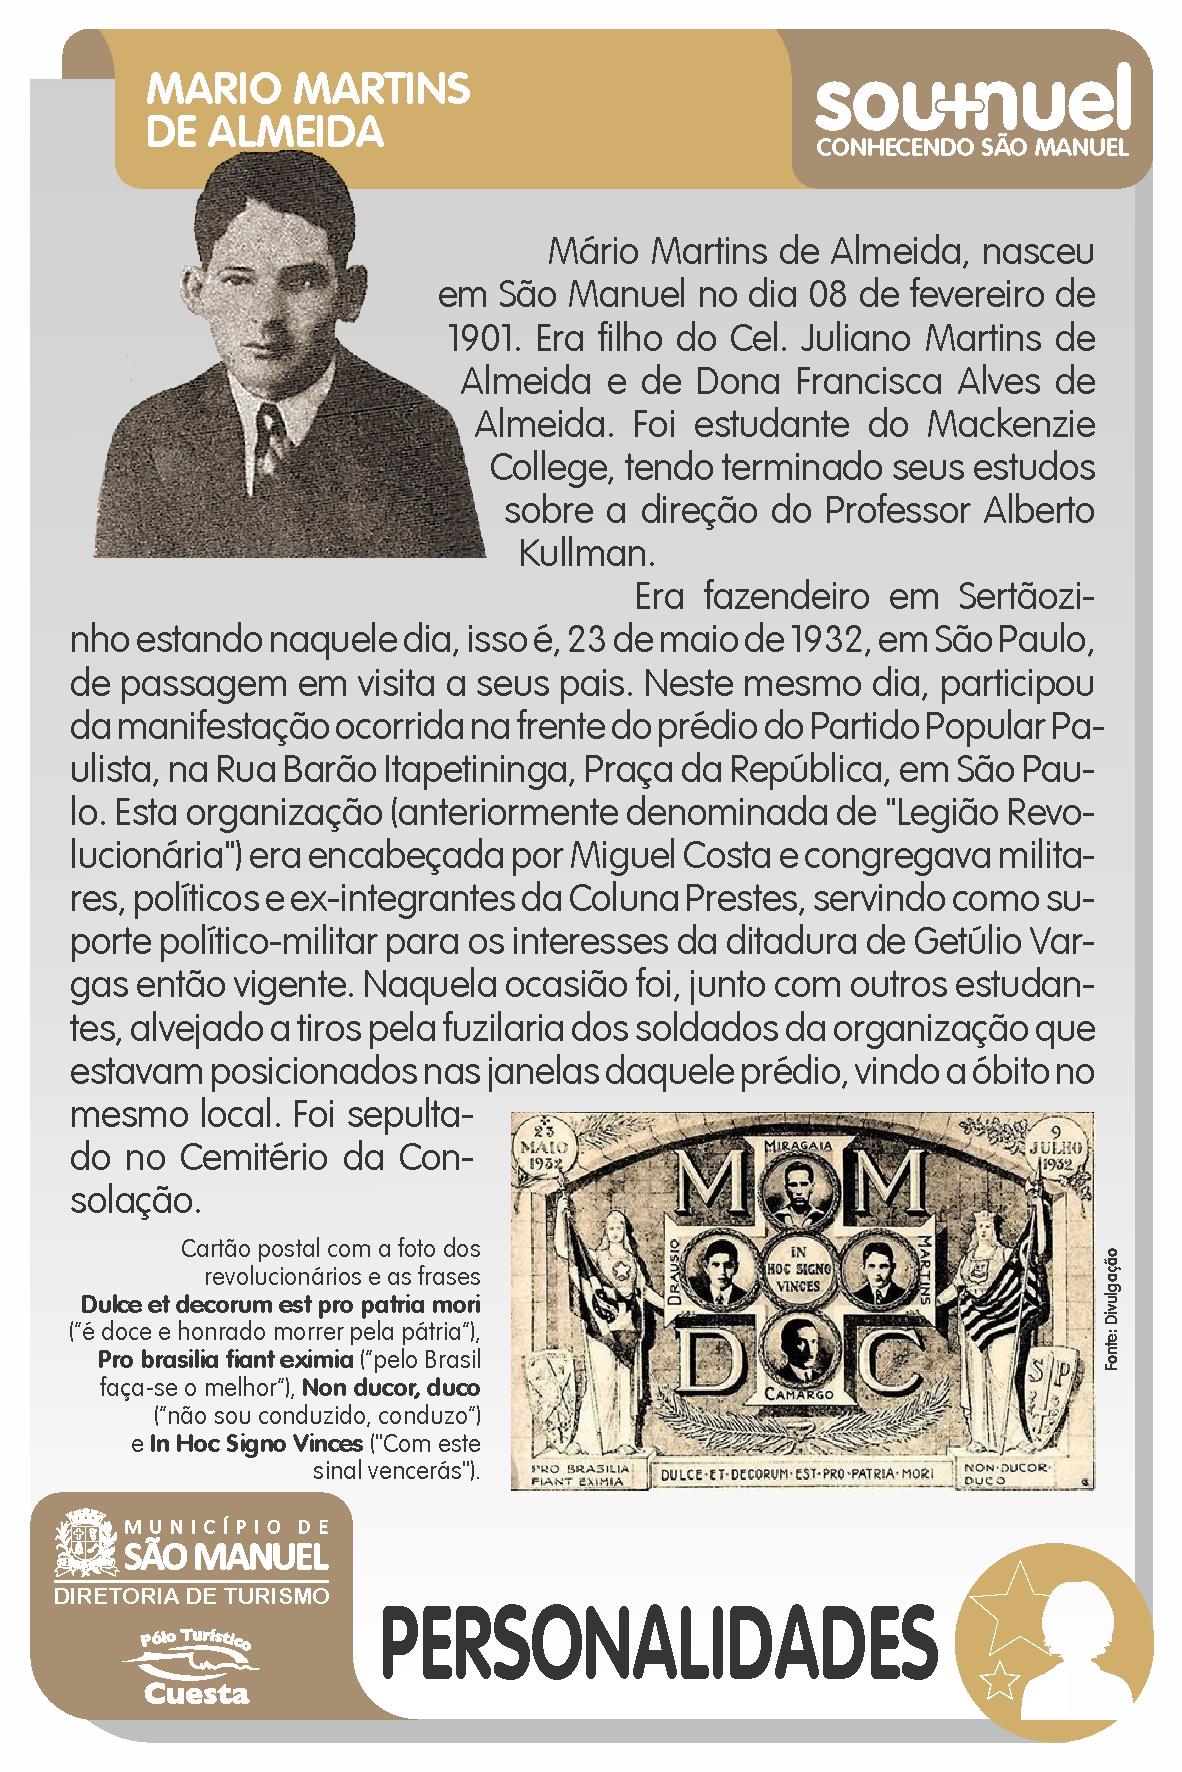 Sou+Nuel: TRAJETÓRIA DE MÁRIO MARTINS DE ALMEIDA